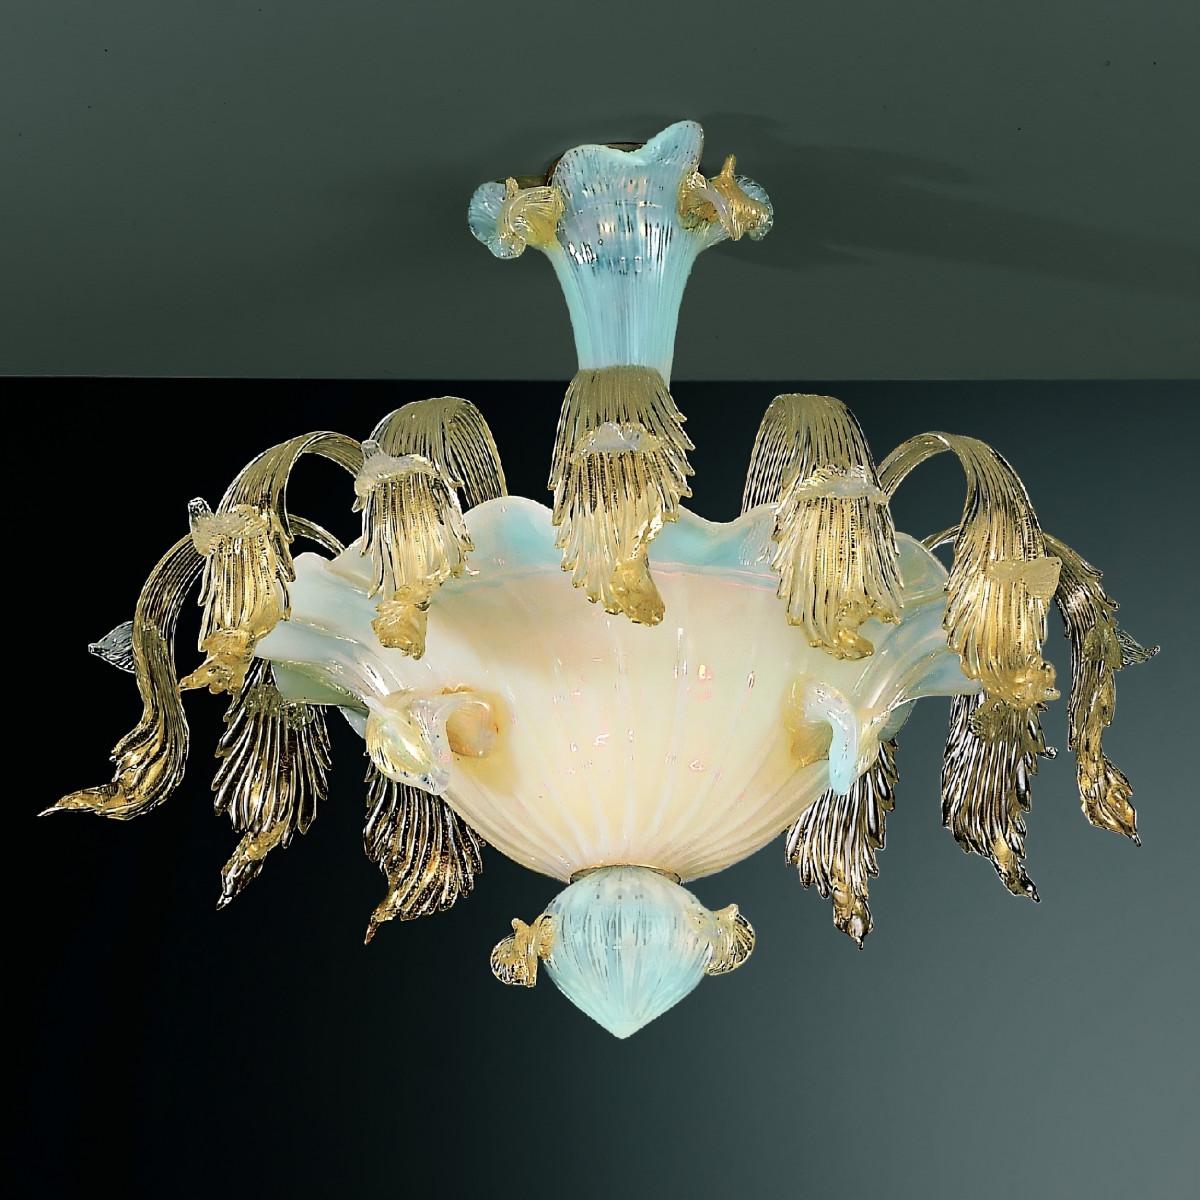 Vivaldi 6 Leuchten aus Murano-Deckenleuchte Opal transparente Farbe Gold